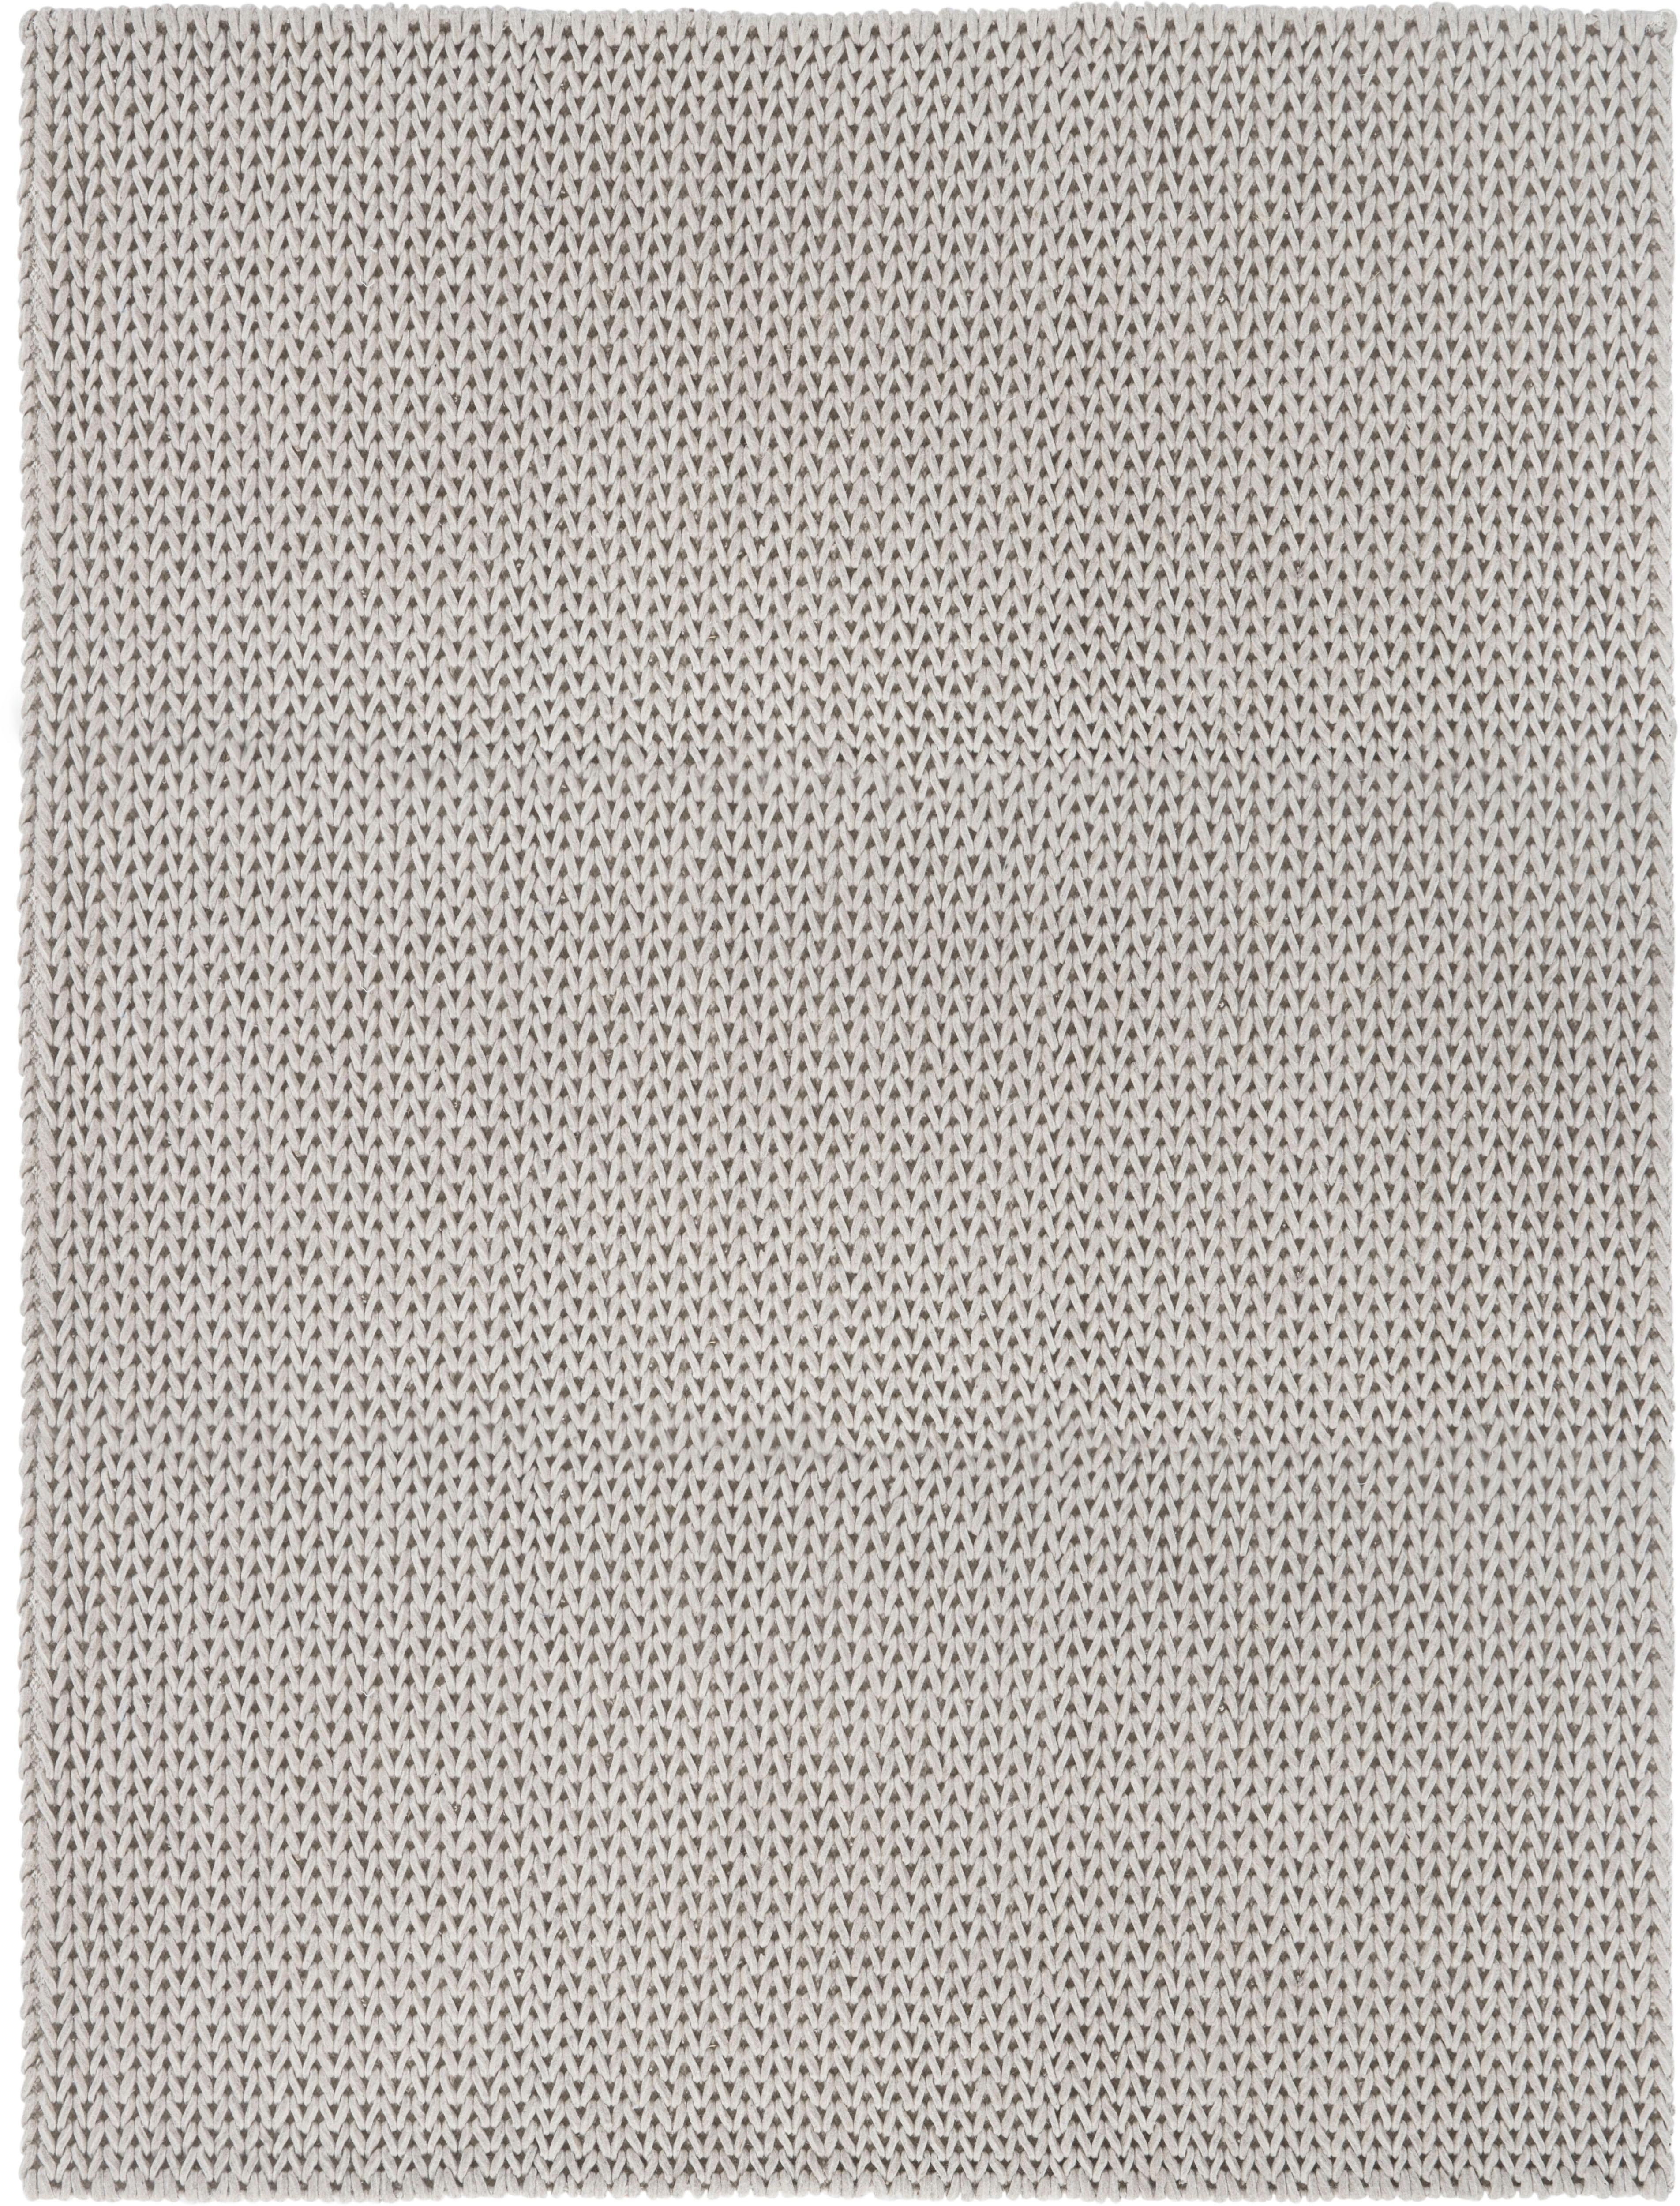 LUXOR living Wollteppich Morton, rechteckig, 12 mm Höhe, reine Wolle, handgewebt, Filz-Struktur, Strick-Optik, Wohnzimmer grau Esszimmerteppiche Teppiche nach Räumen